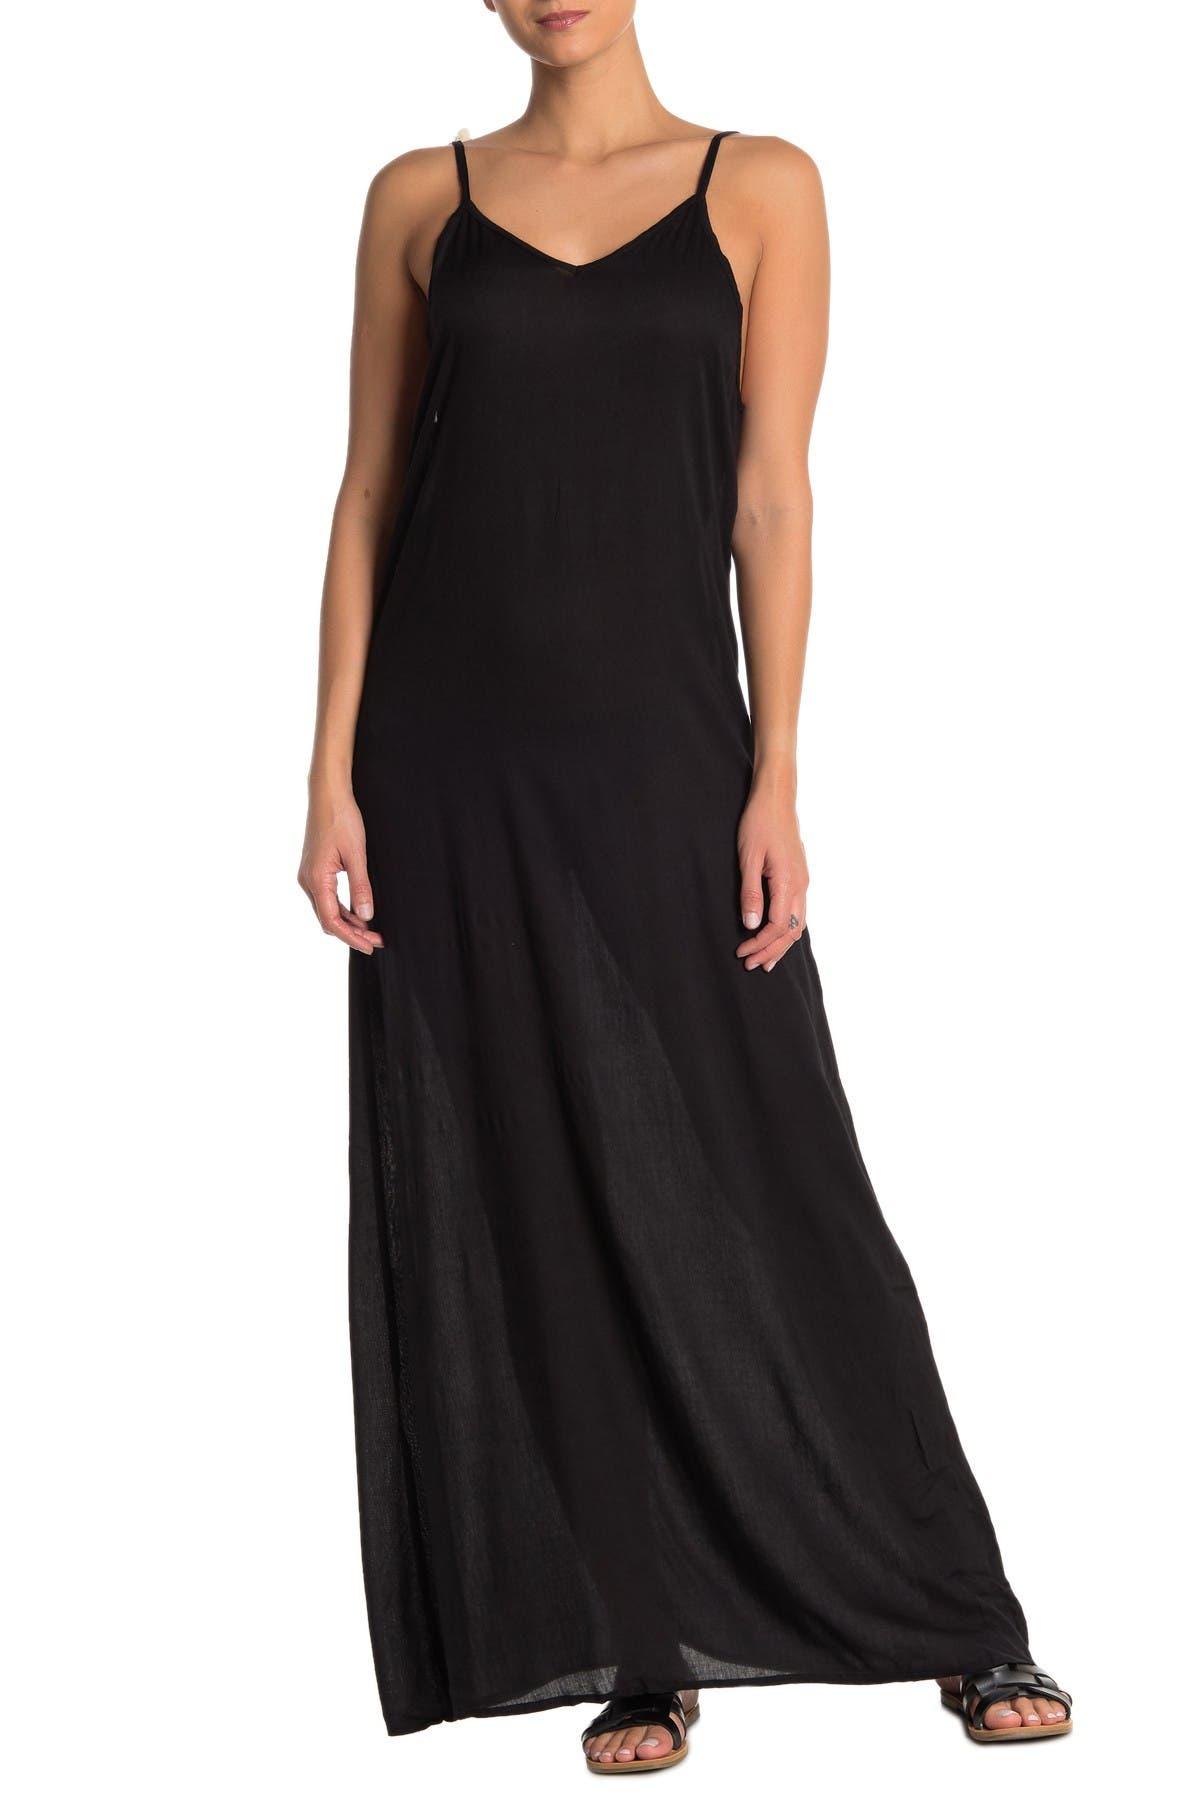 Image of BOHO ME Pompom Back Cover-Up Maxi Dress